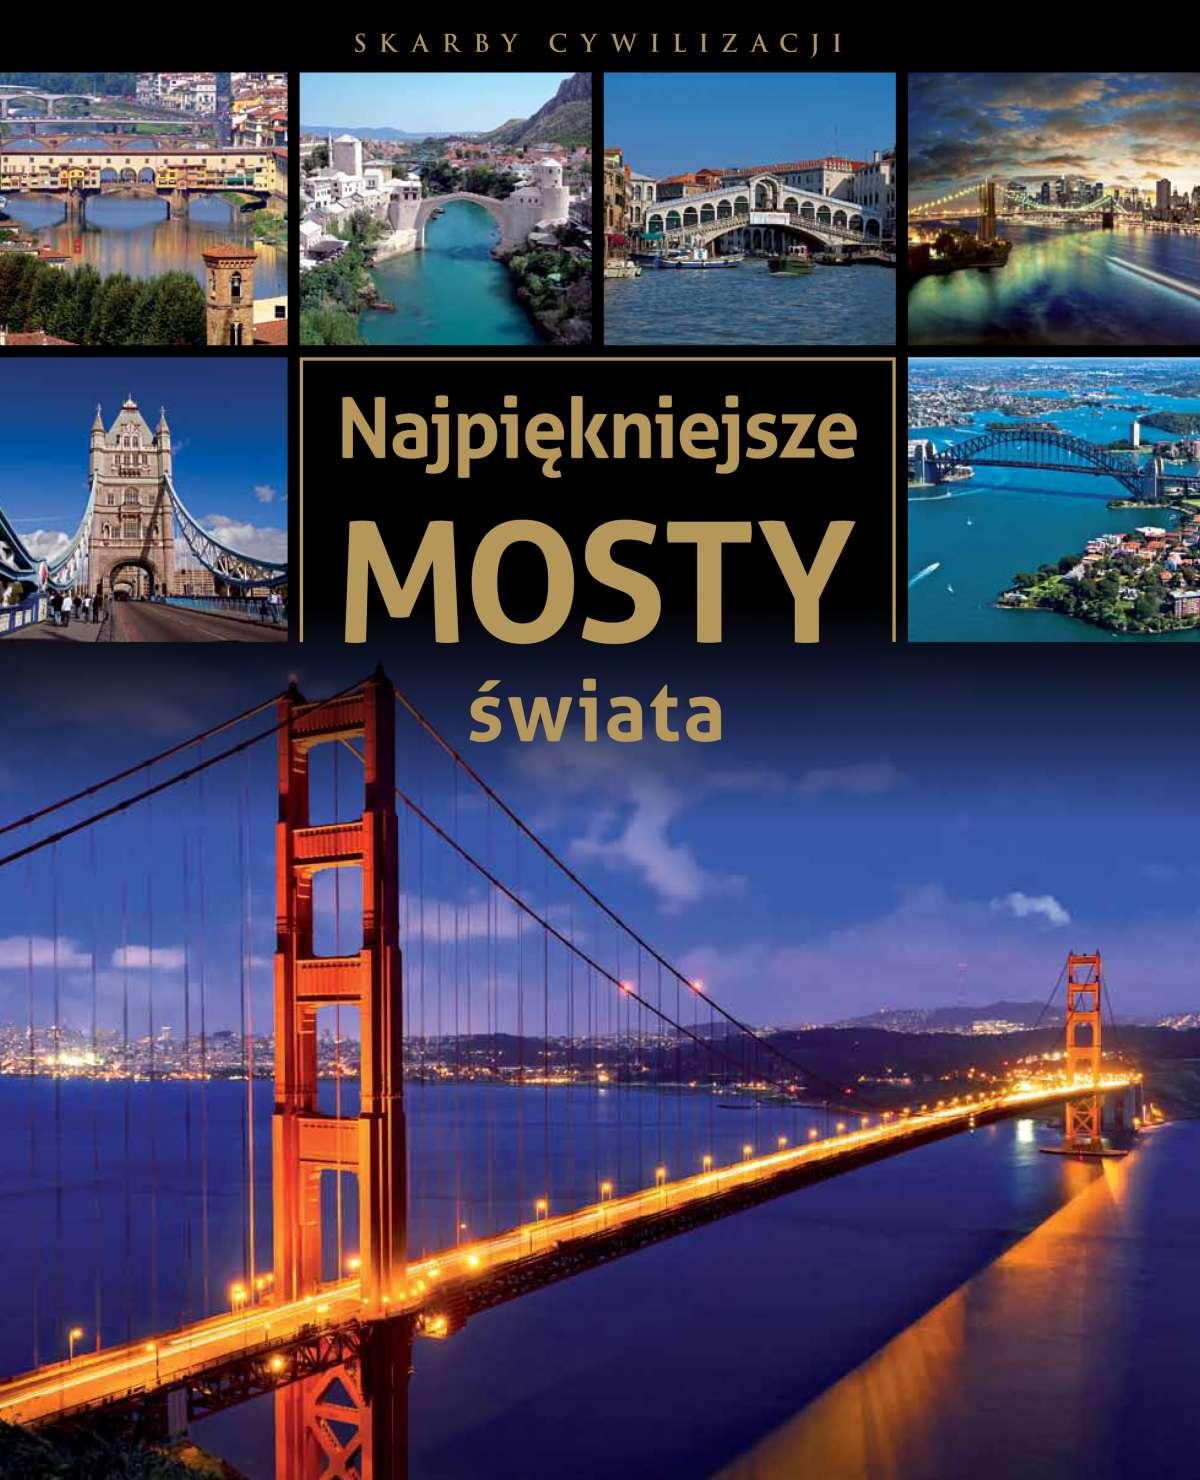 Najpiękniejsze mosty świata - Ebook (Książka PDF) do pobrania w formacie PDF